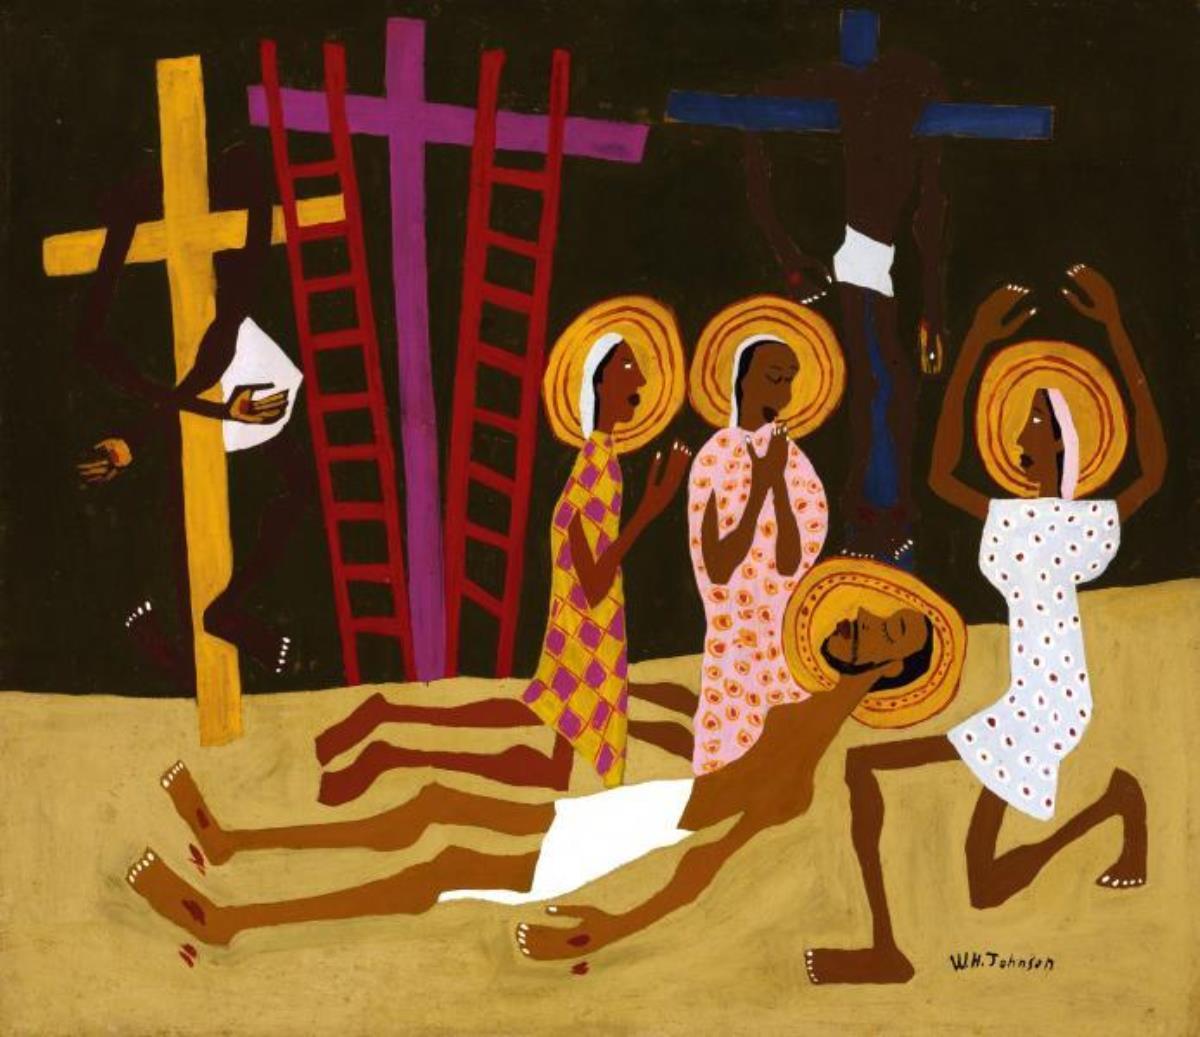 그림, 윌리엄 존슨의 <탄식(Lamentation)>, 스미스소니언 아메리칸 아트뮤지엄.